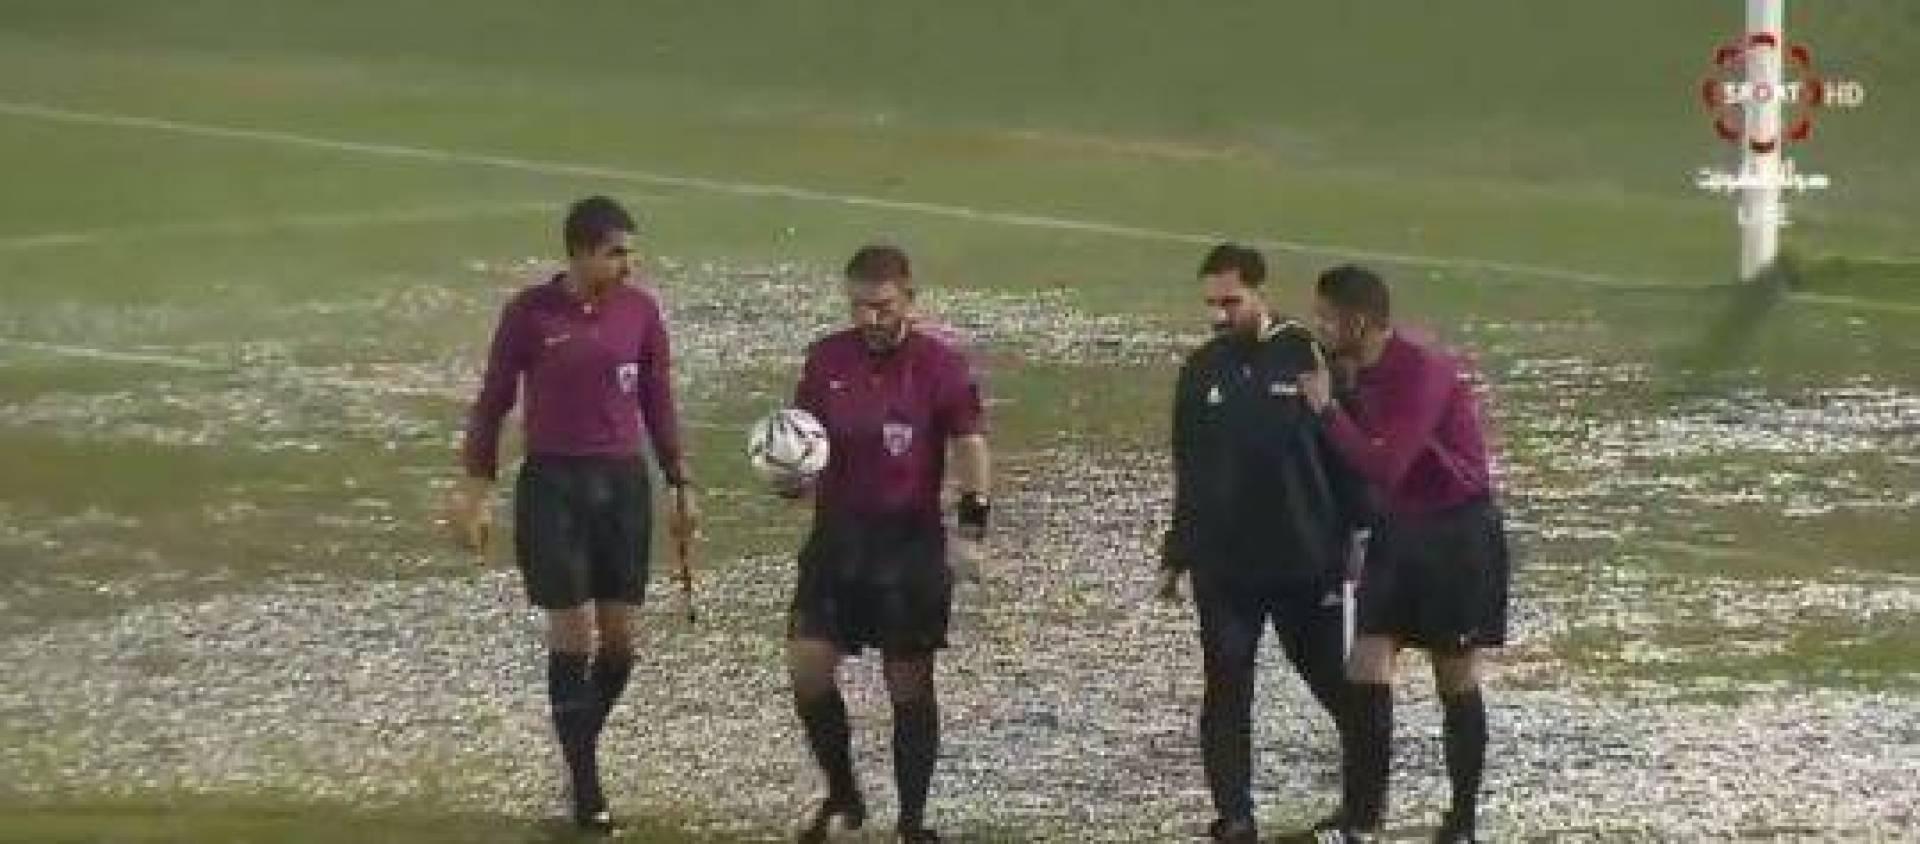 الأمطار تؤجل الشوط الثاني من مباراة القادسية والشباب